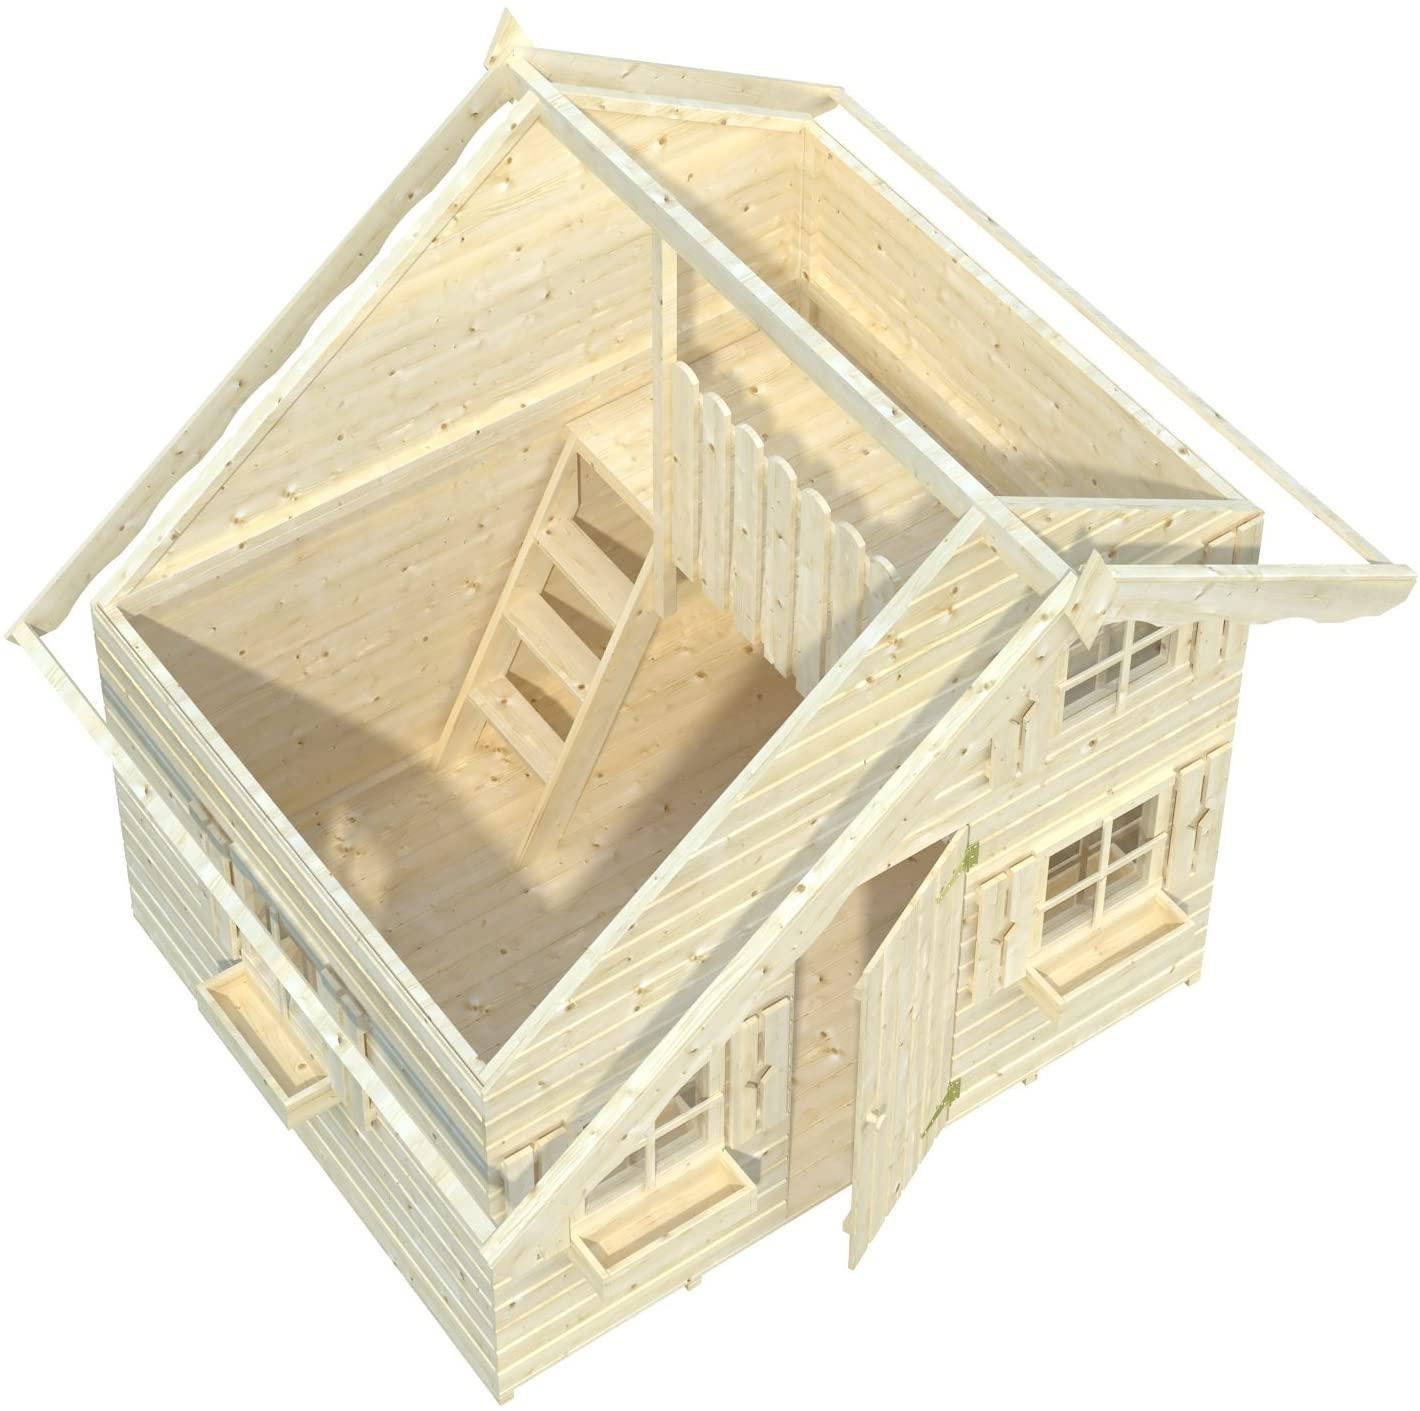 Full Size of Spielhaus Ausstellungsstück Palmako Garten Holz Küche Kinderspielhaus Bett Kunststoff Wohnzimmer Spielhaus Ausstellungsstück